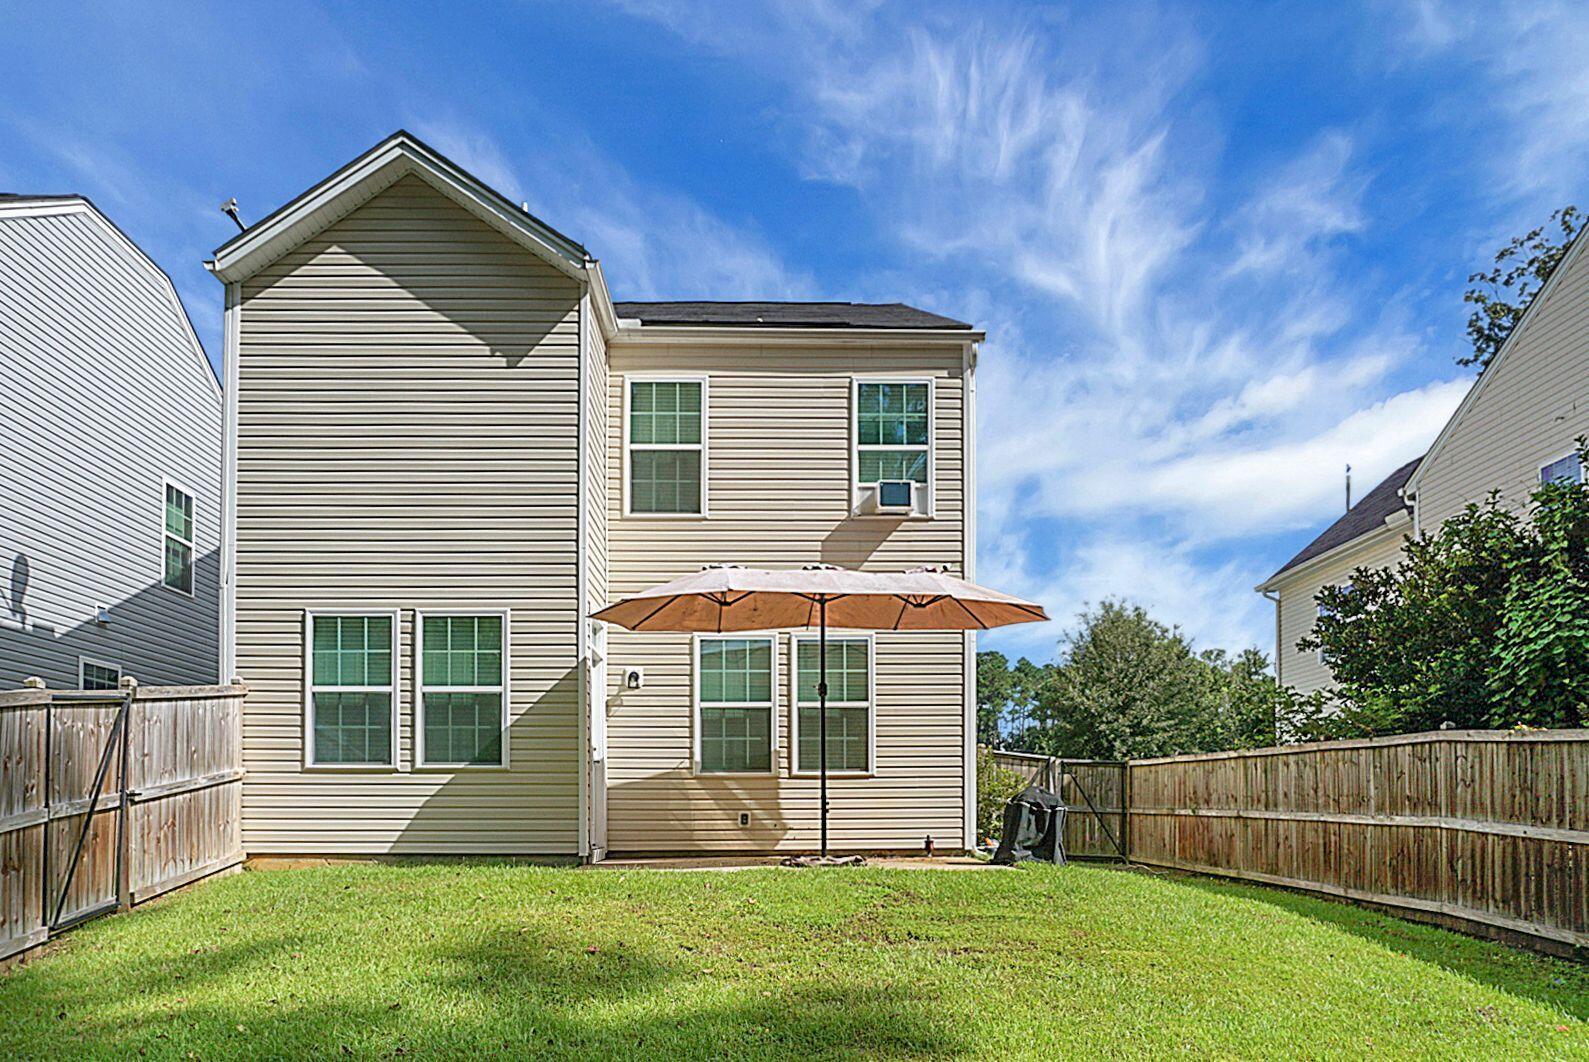 134 Dream Street Summerville, SC 29483